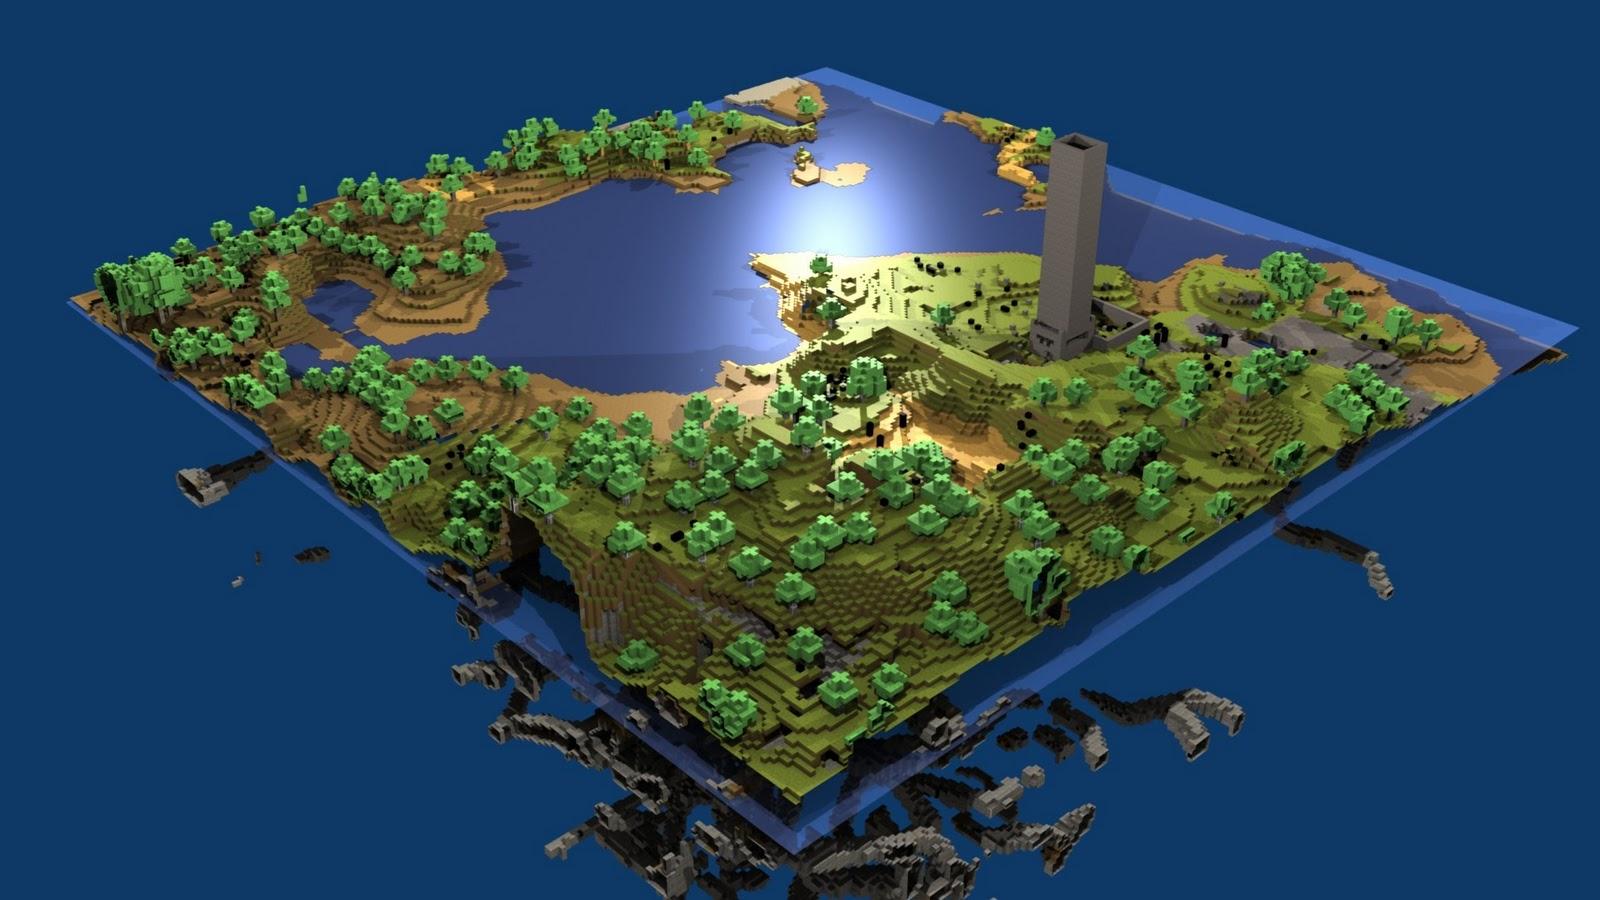 Minecraft Wallpaper HD 1920x1080